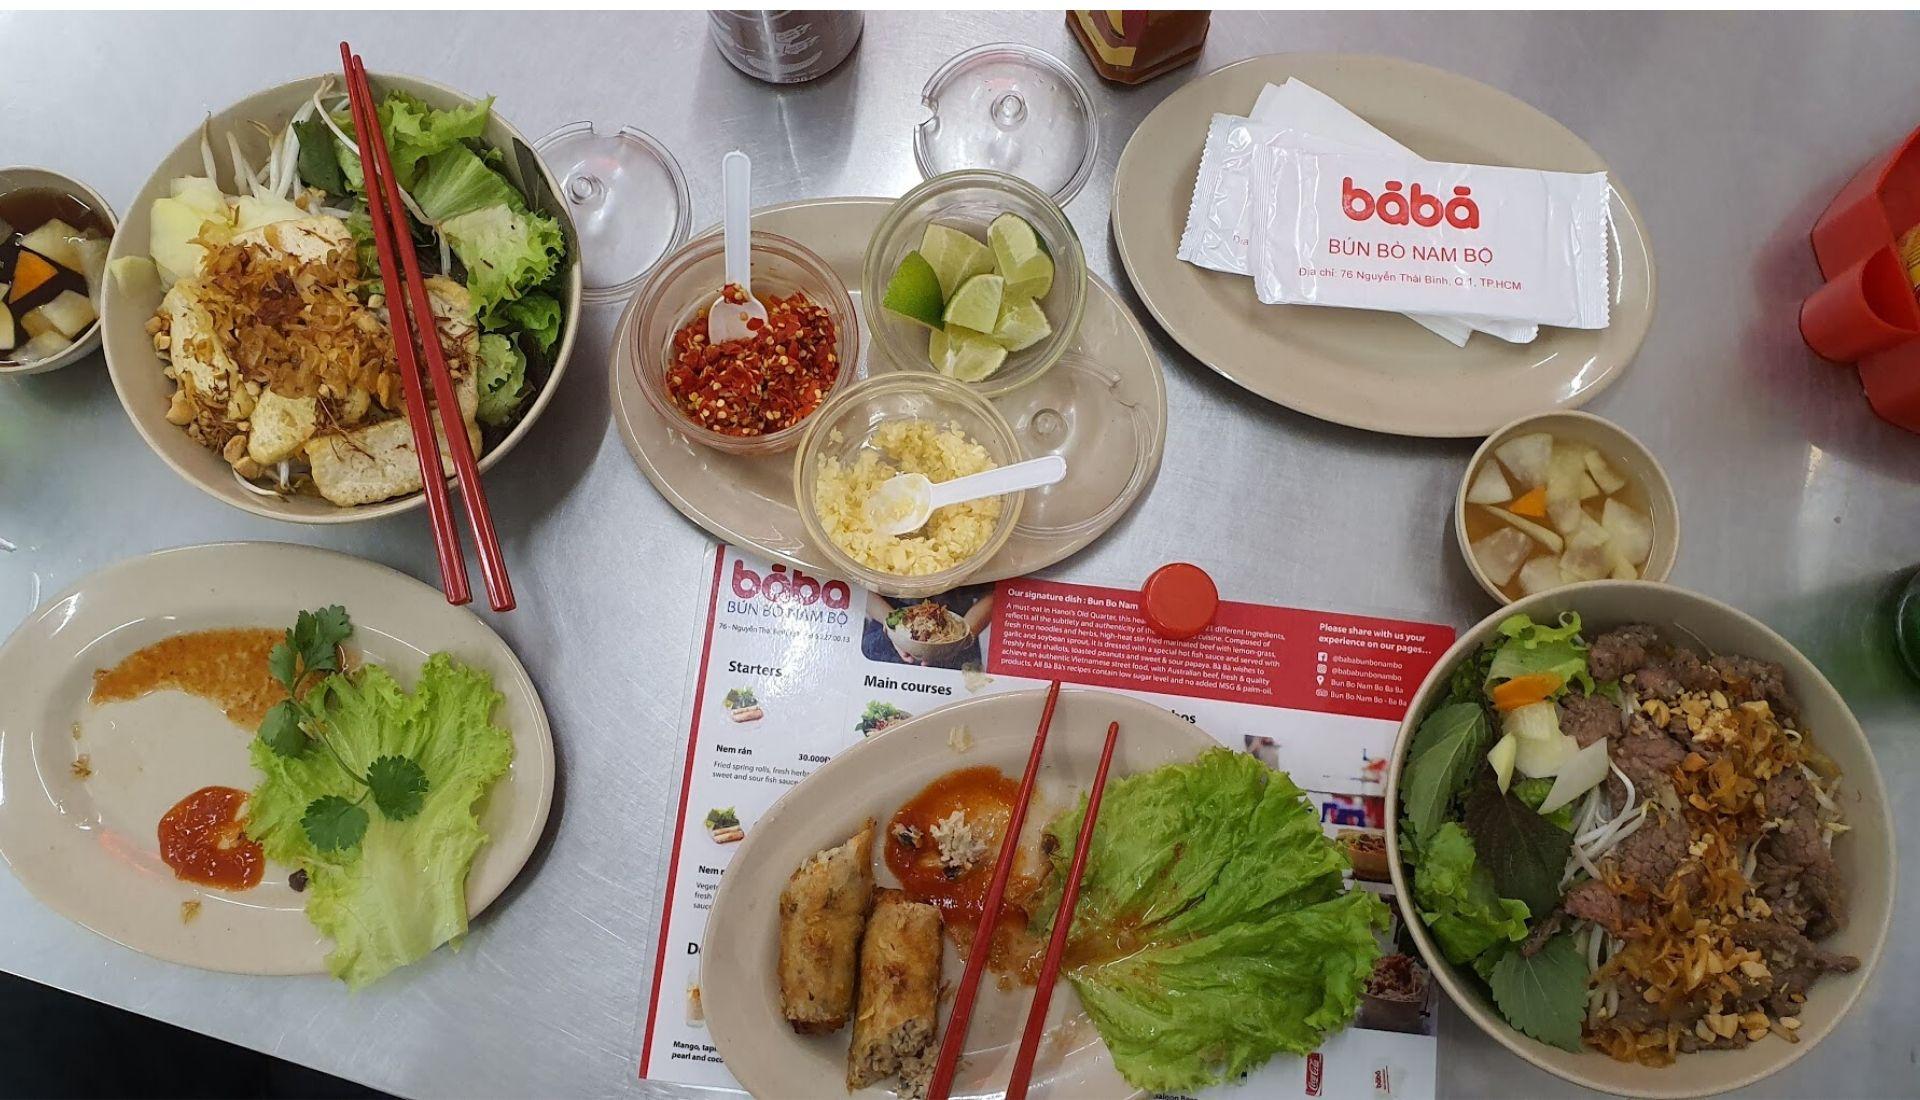 Dine at Bun Bo Nam Bo Restaurant